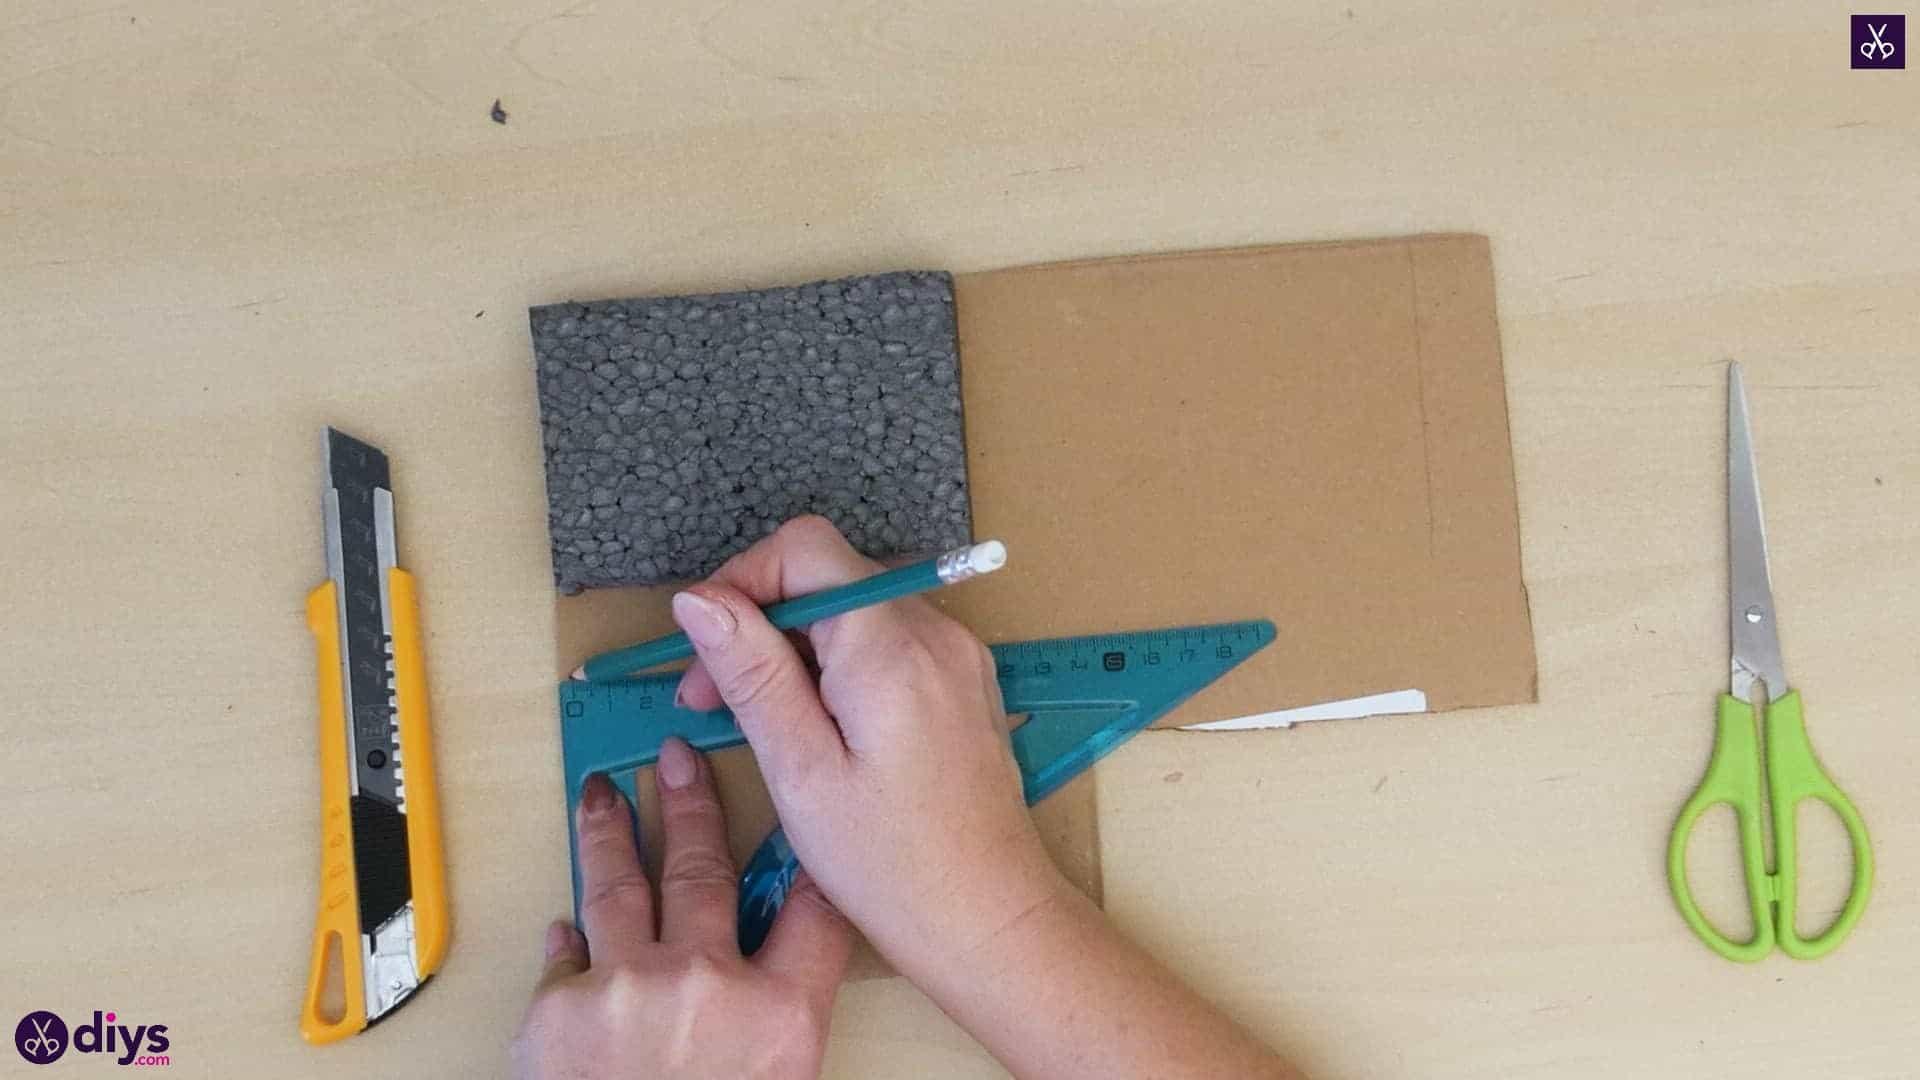 Diy miniature cage centerpiece step 5b